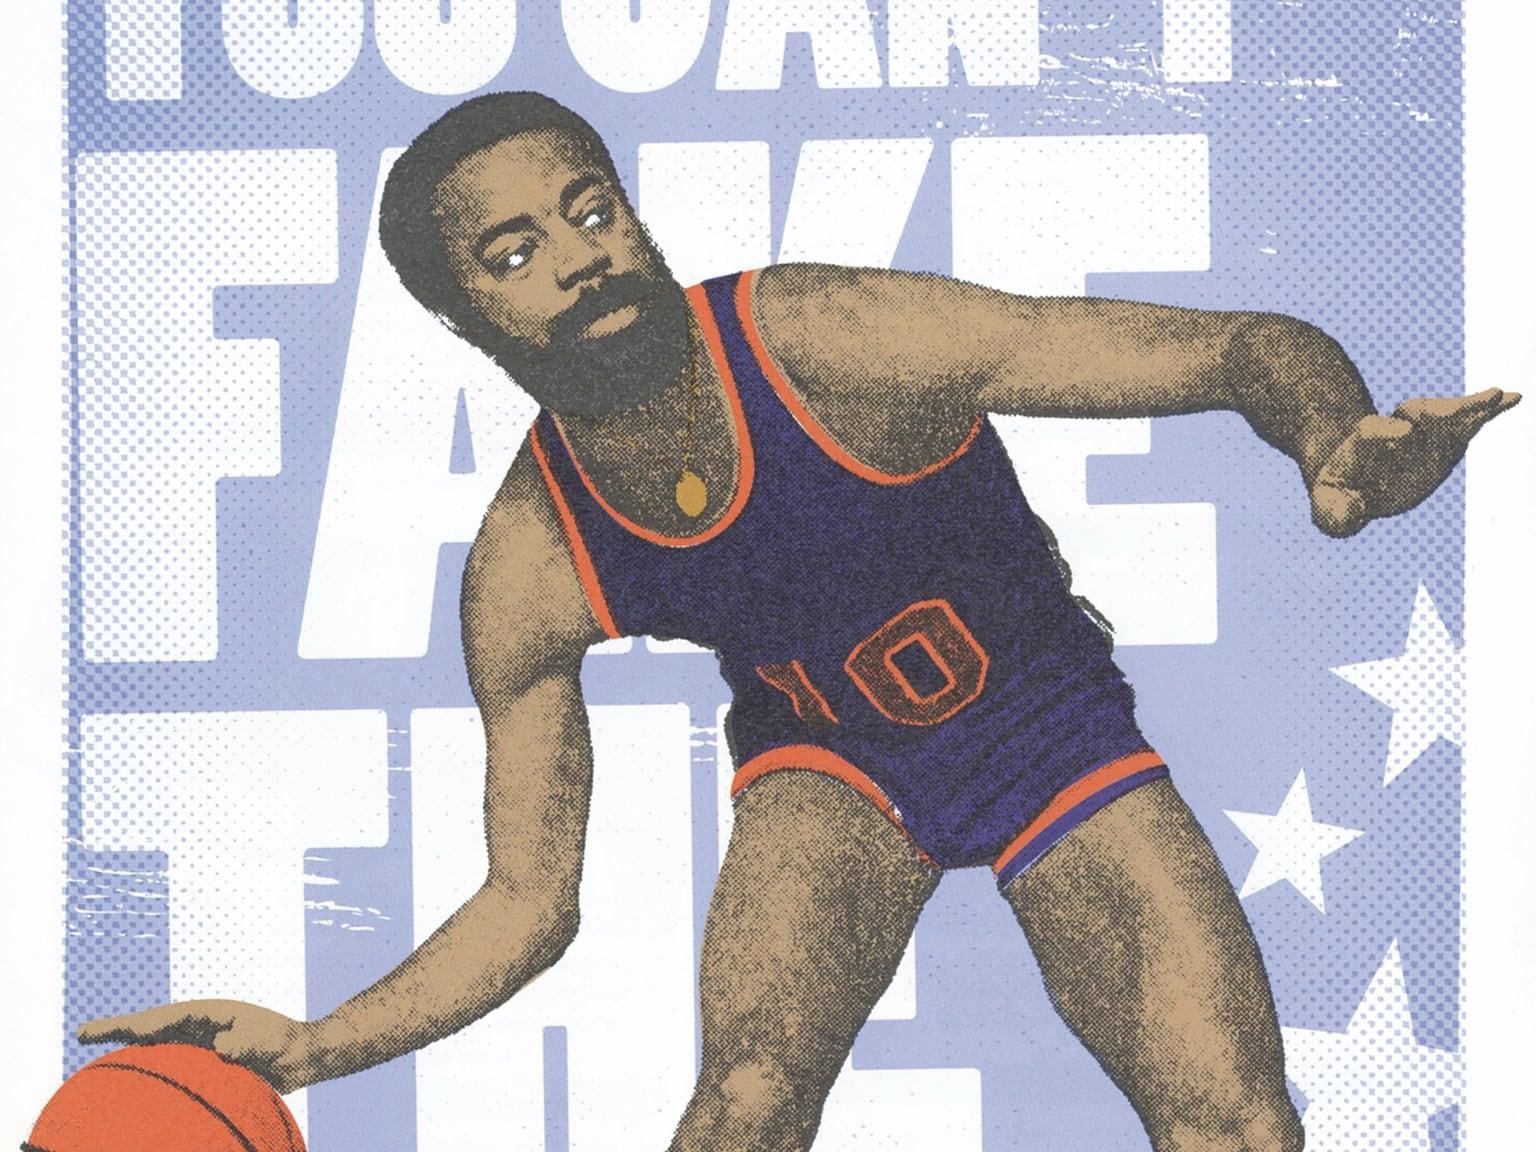 1977 Walt Clyde Frazier